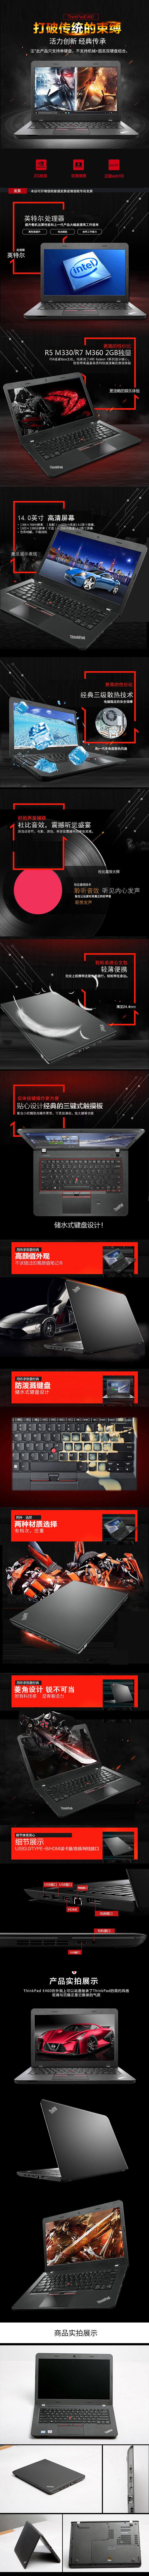 商务首选 ThinkPad E460京东仅售4899元